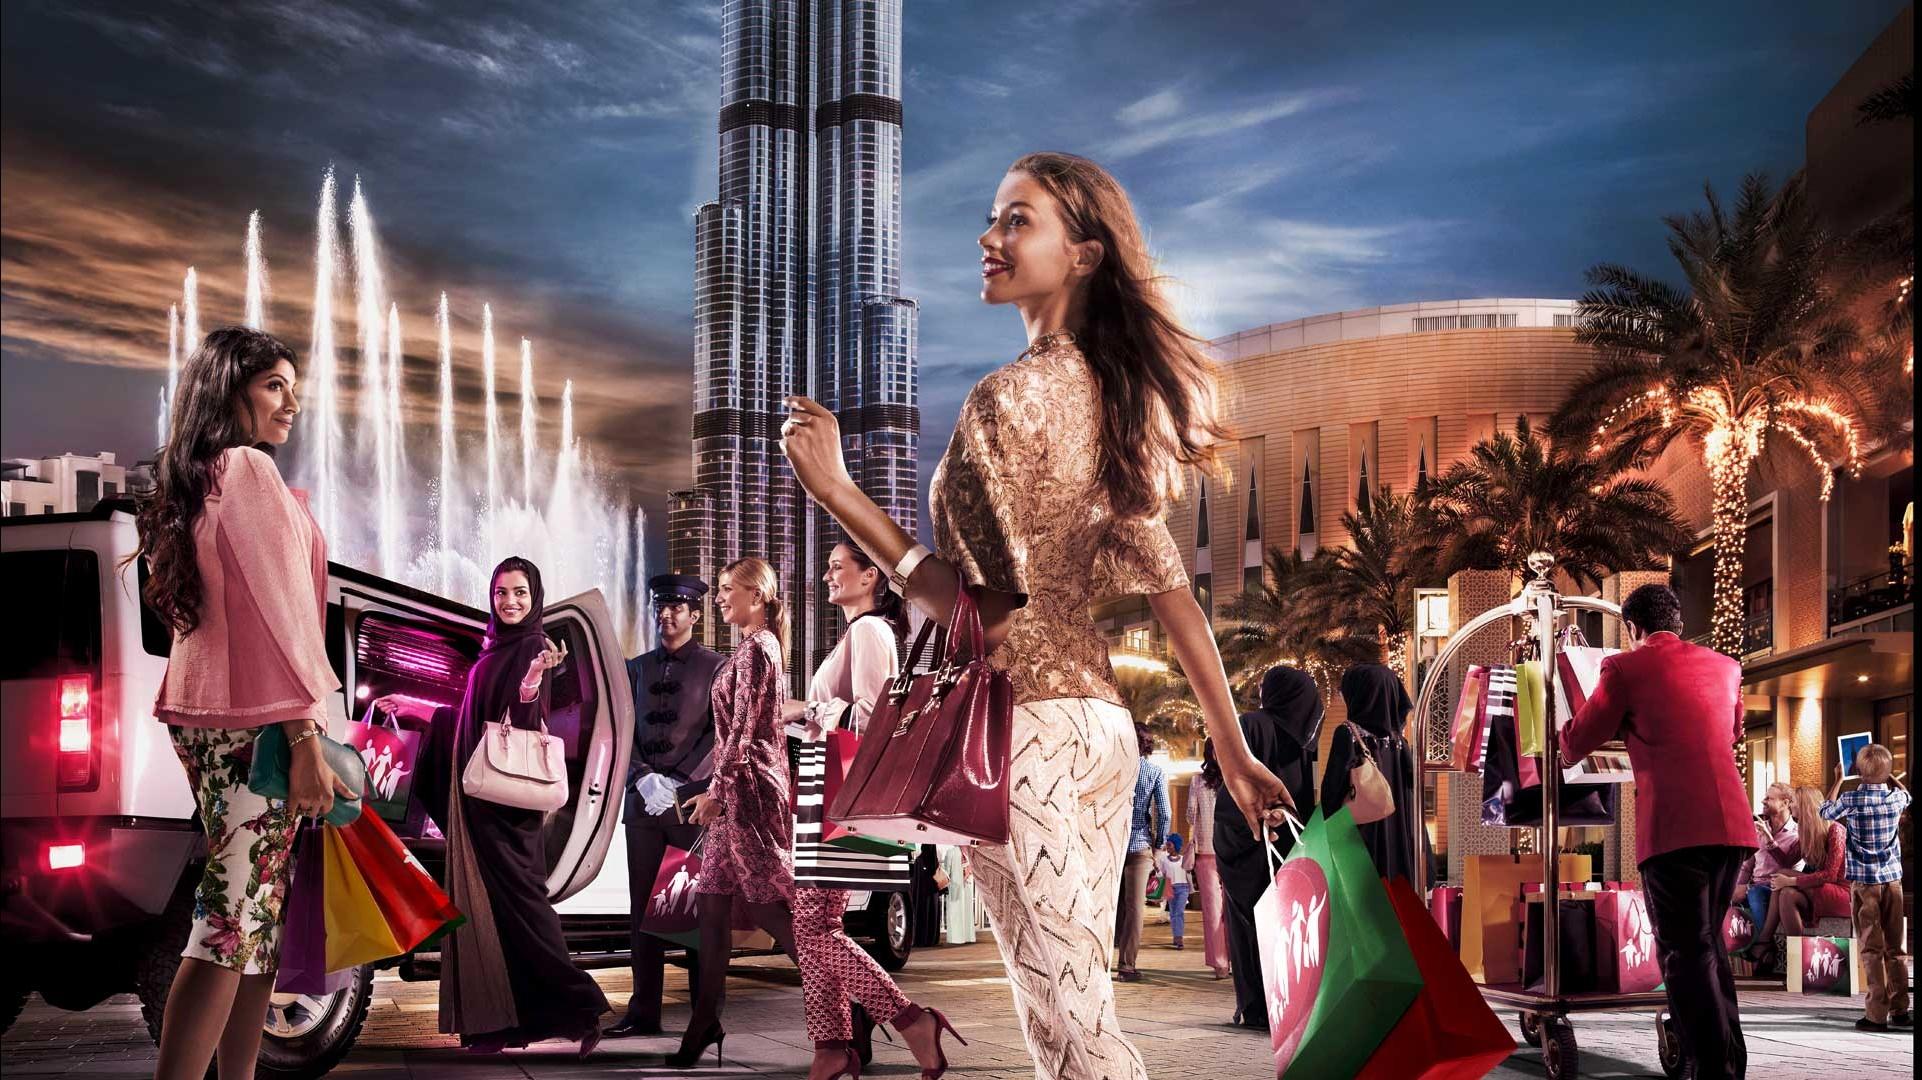 إنطلاق الدورة الرابعة والعشرين من مهرجان دبي للتسوق